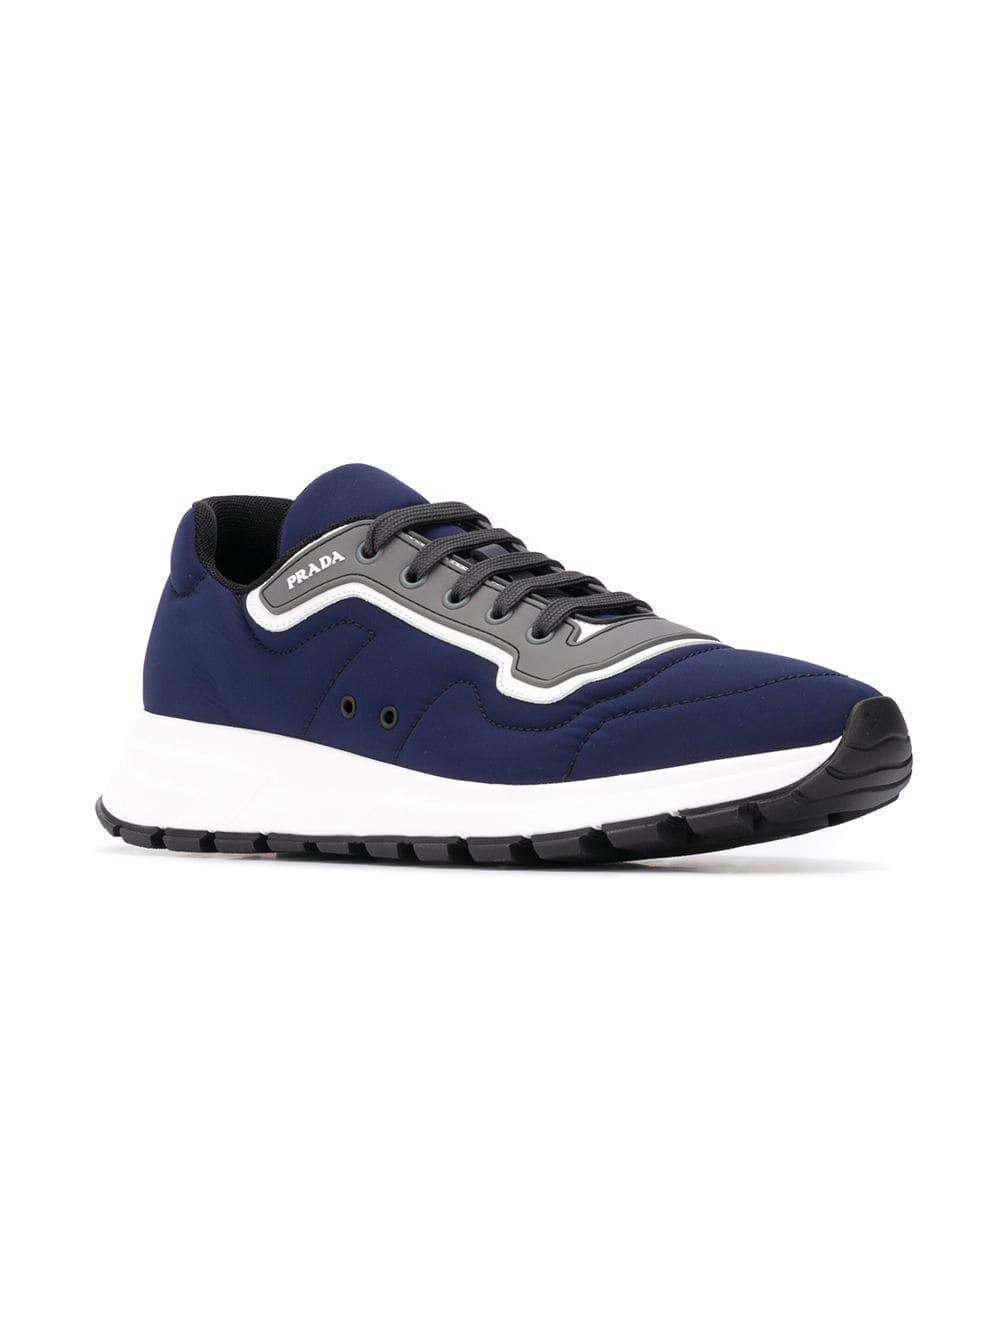 93d0c2aba74d Lyst - Prada Low Top Logo Sneakers in Blue for Men